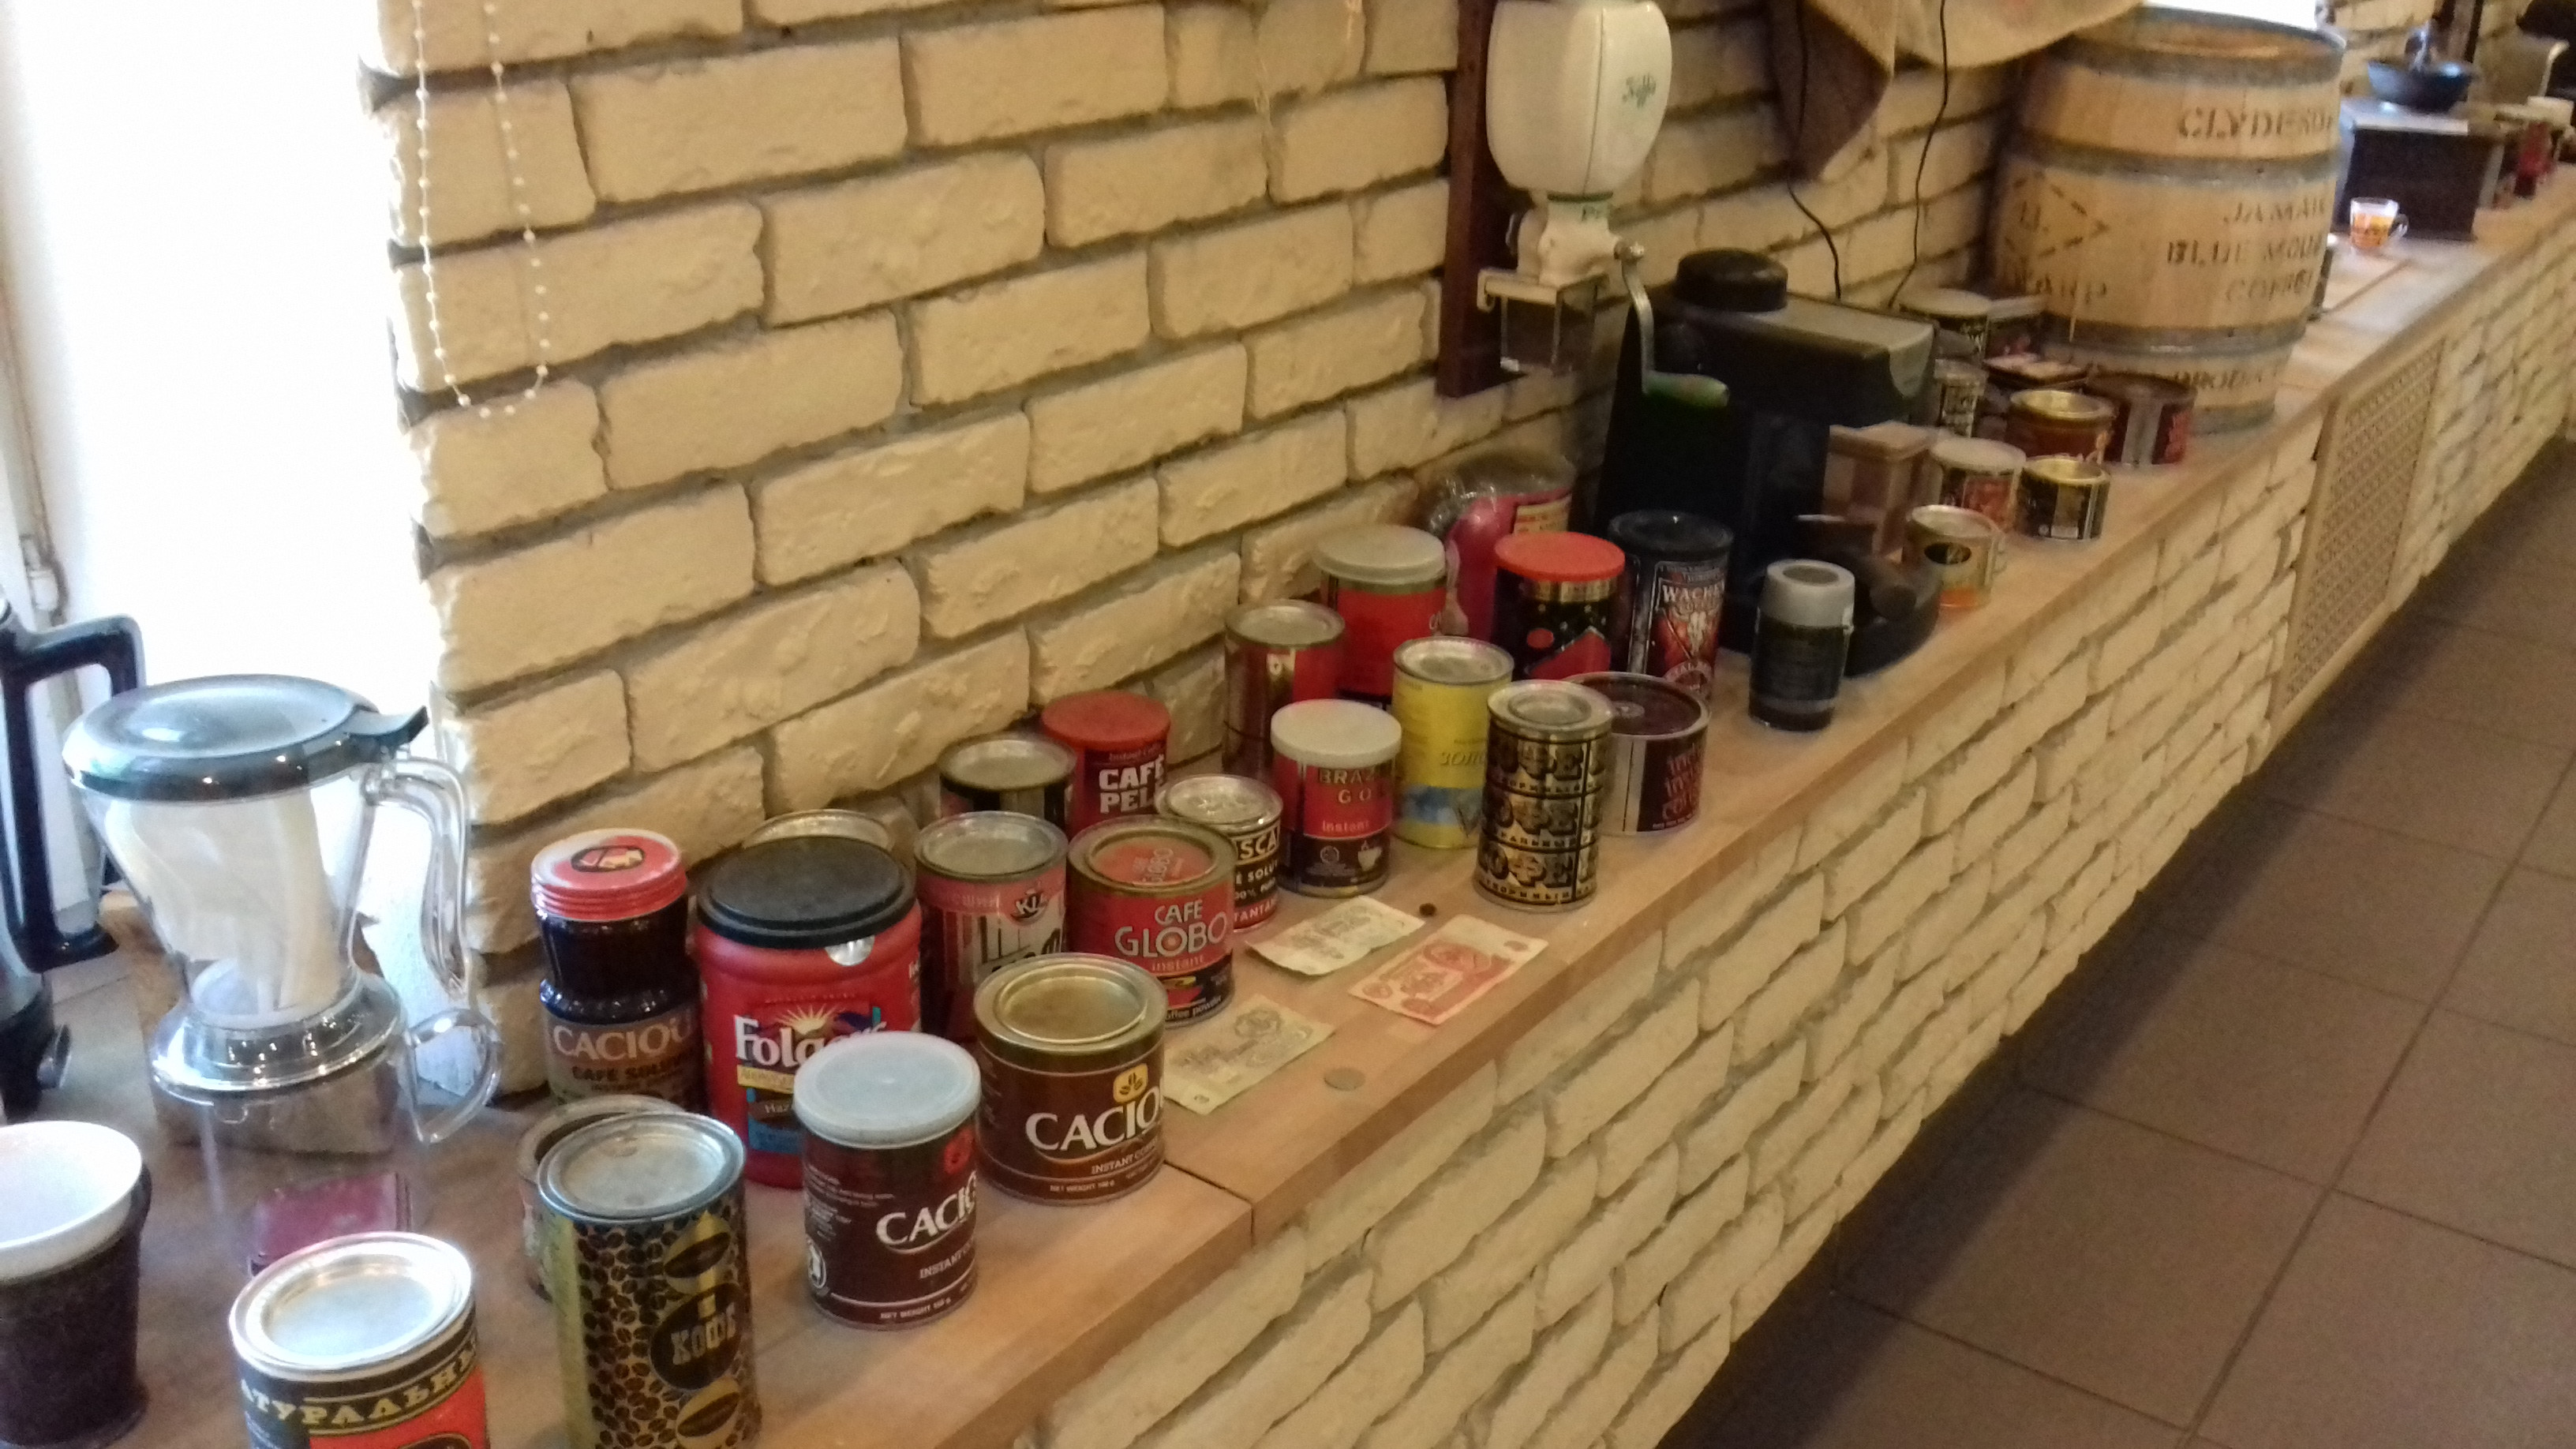 Музей кофе (санкт-петербург) — википедия. что такое музей кофе (санкт-петербург)